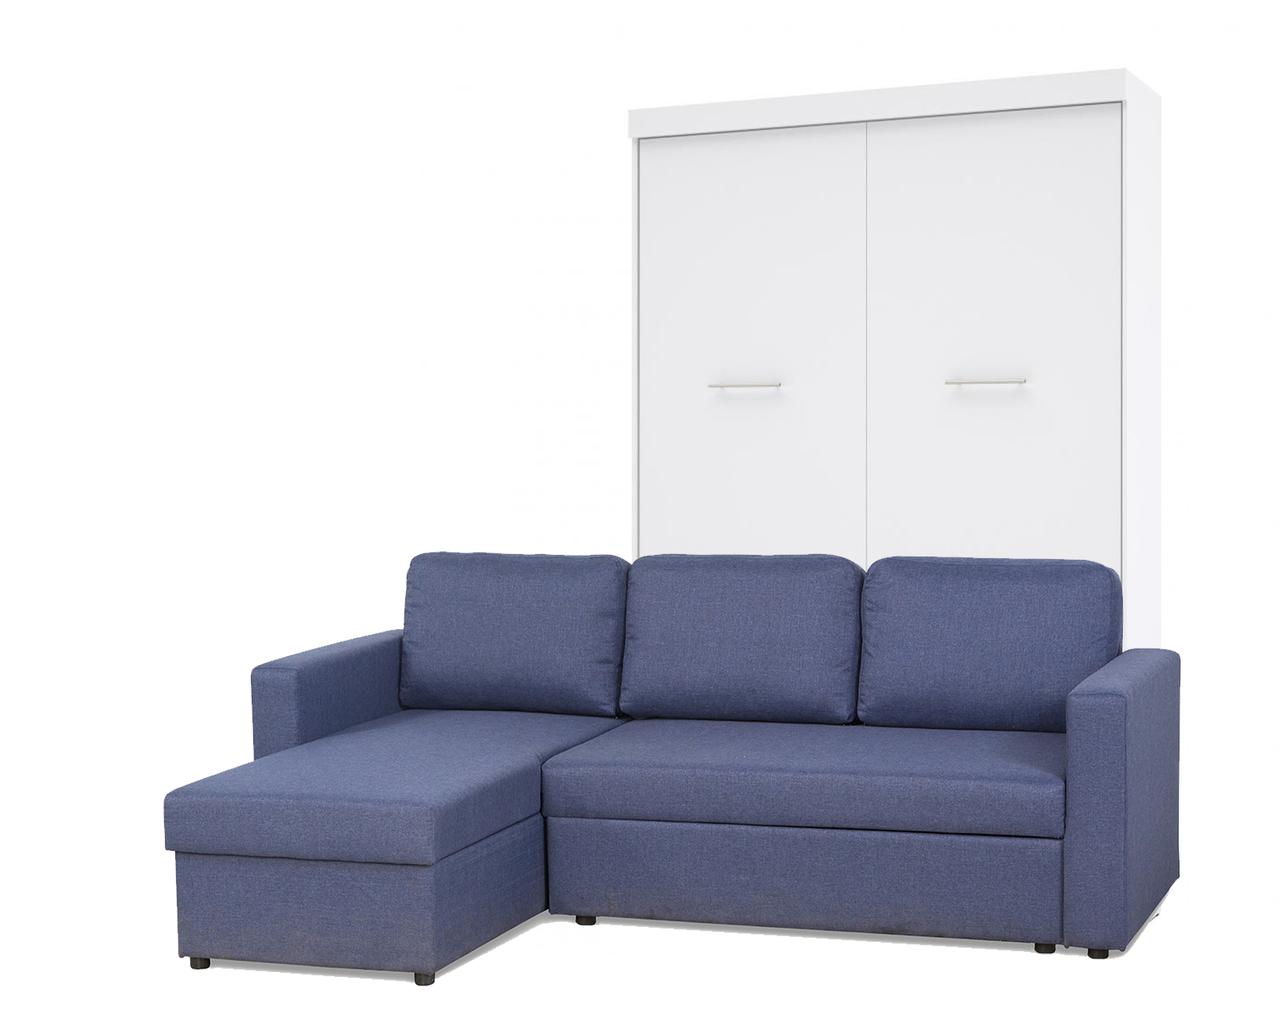 Шкаф-кровать с диваном 160*200 см